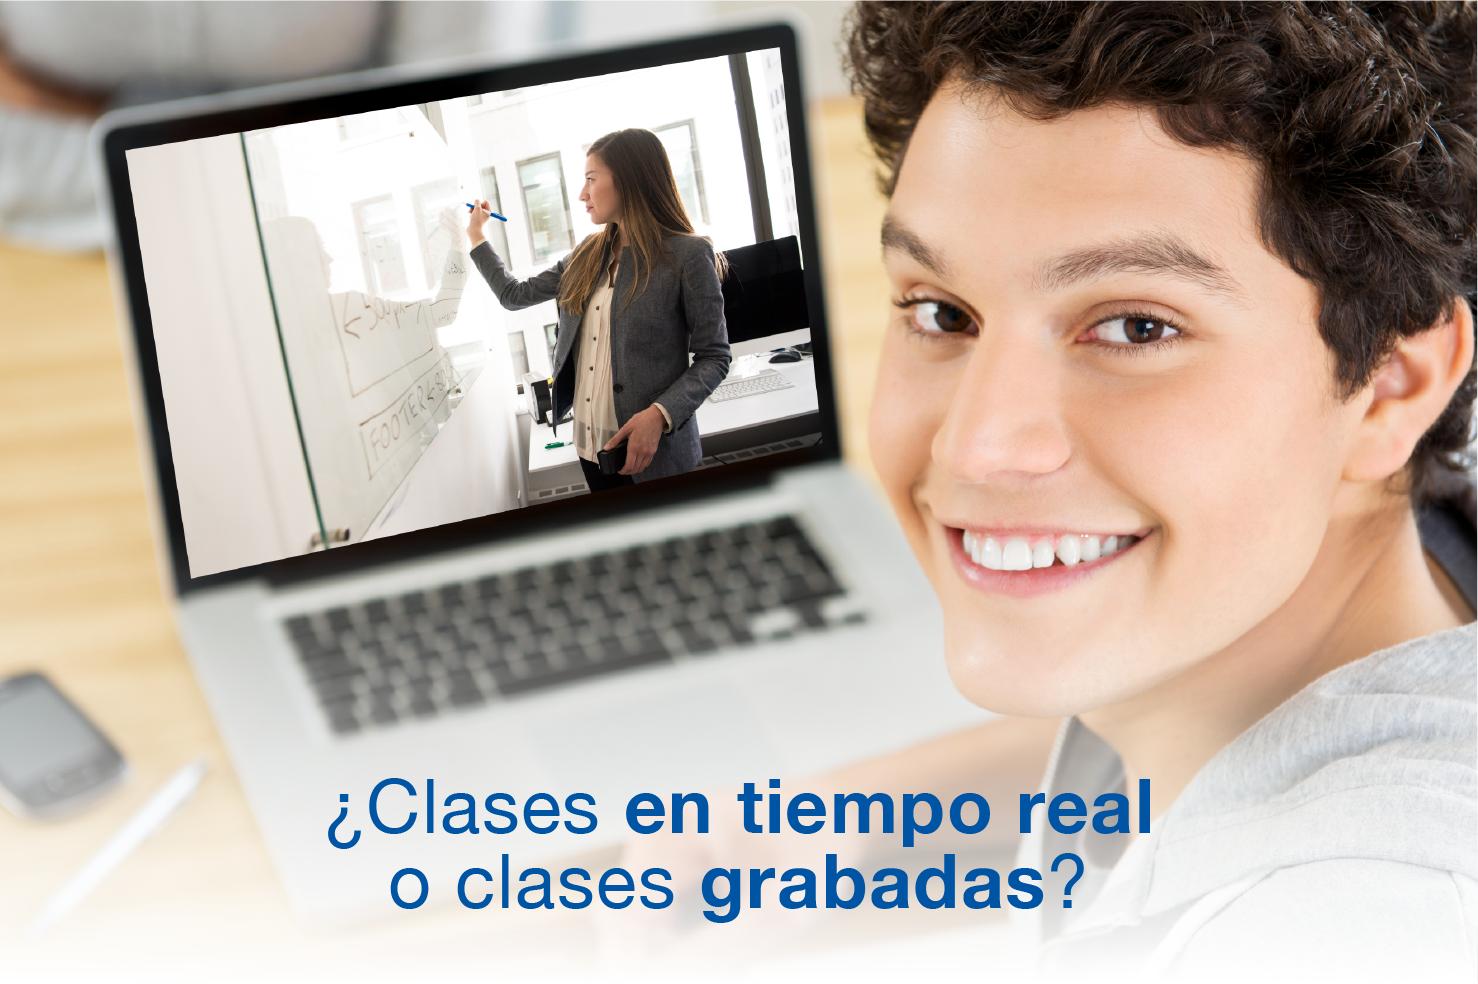 ¿Clases en tiempo real o clases grabadas?